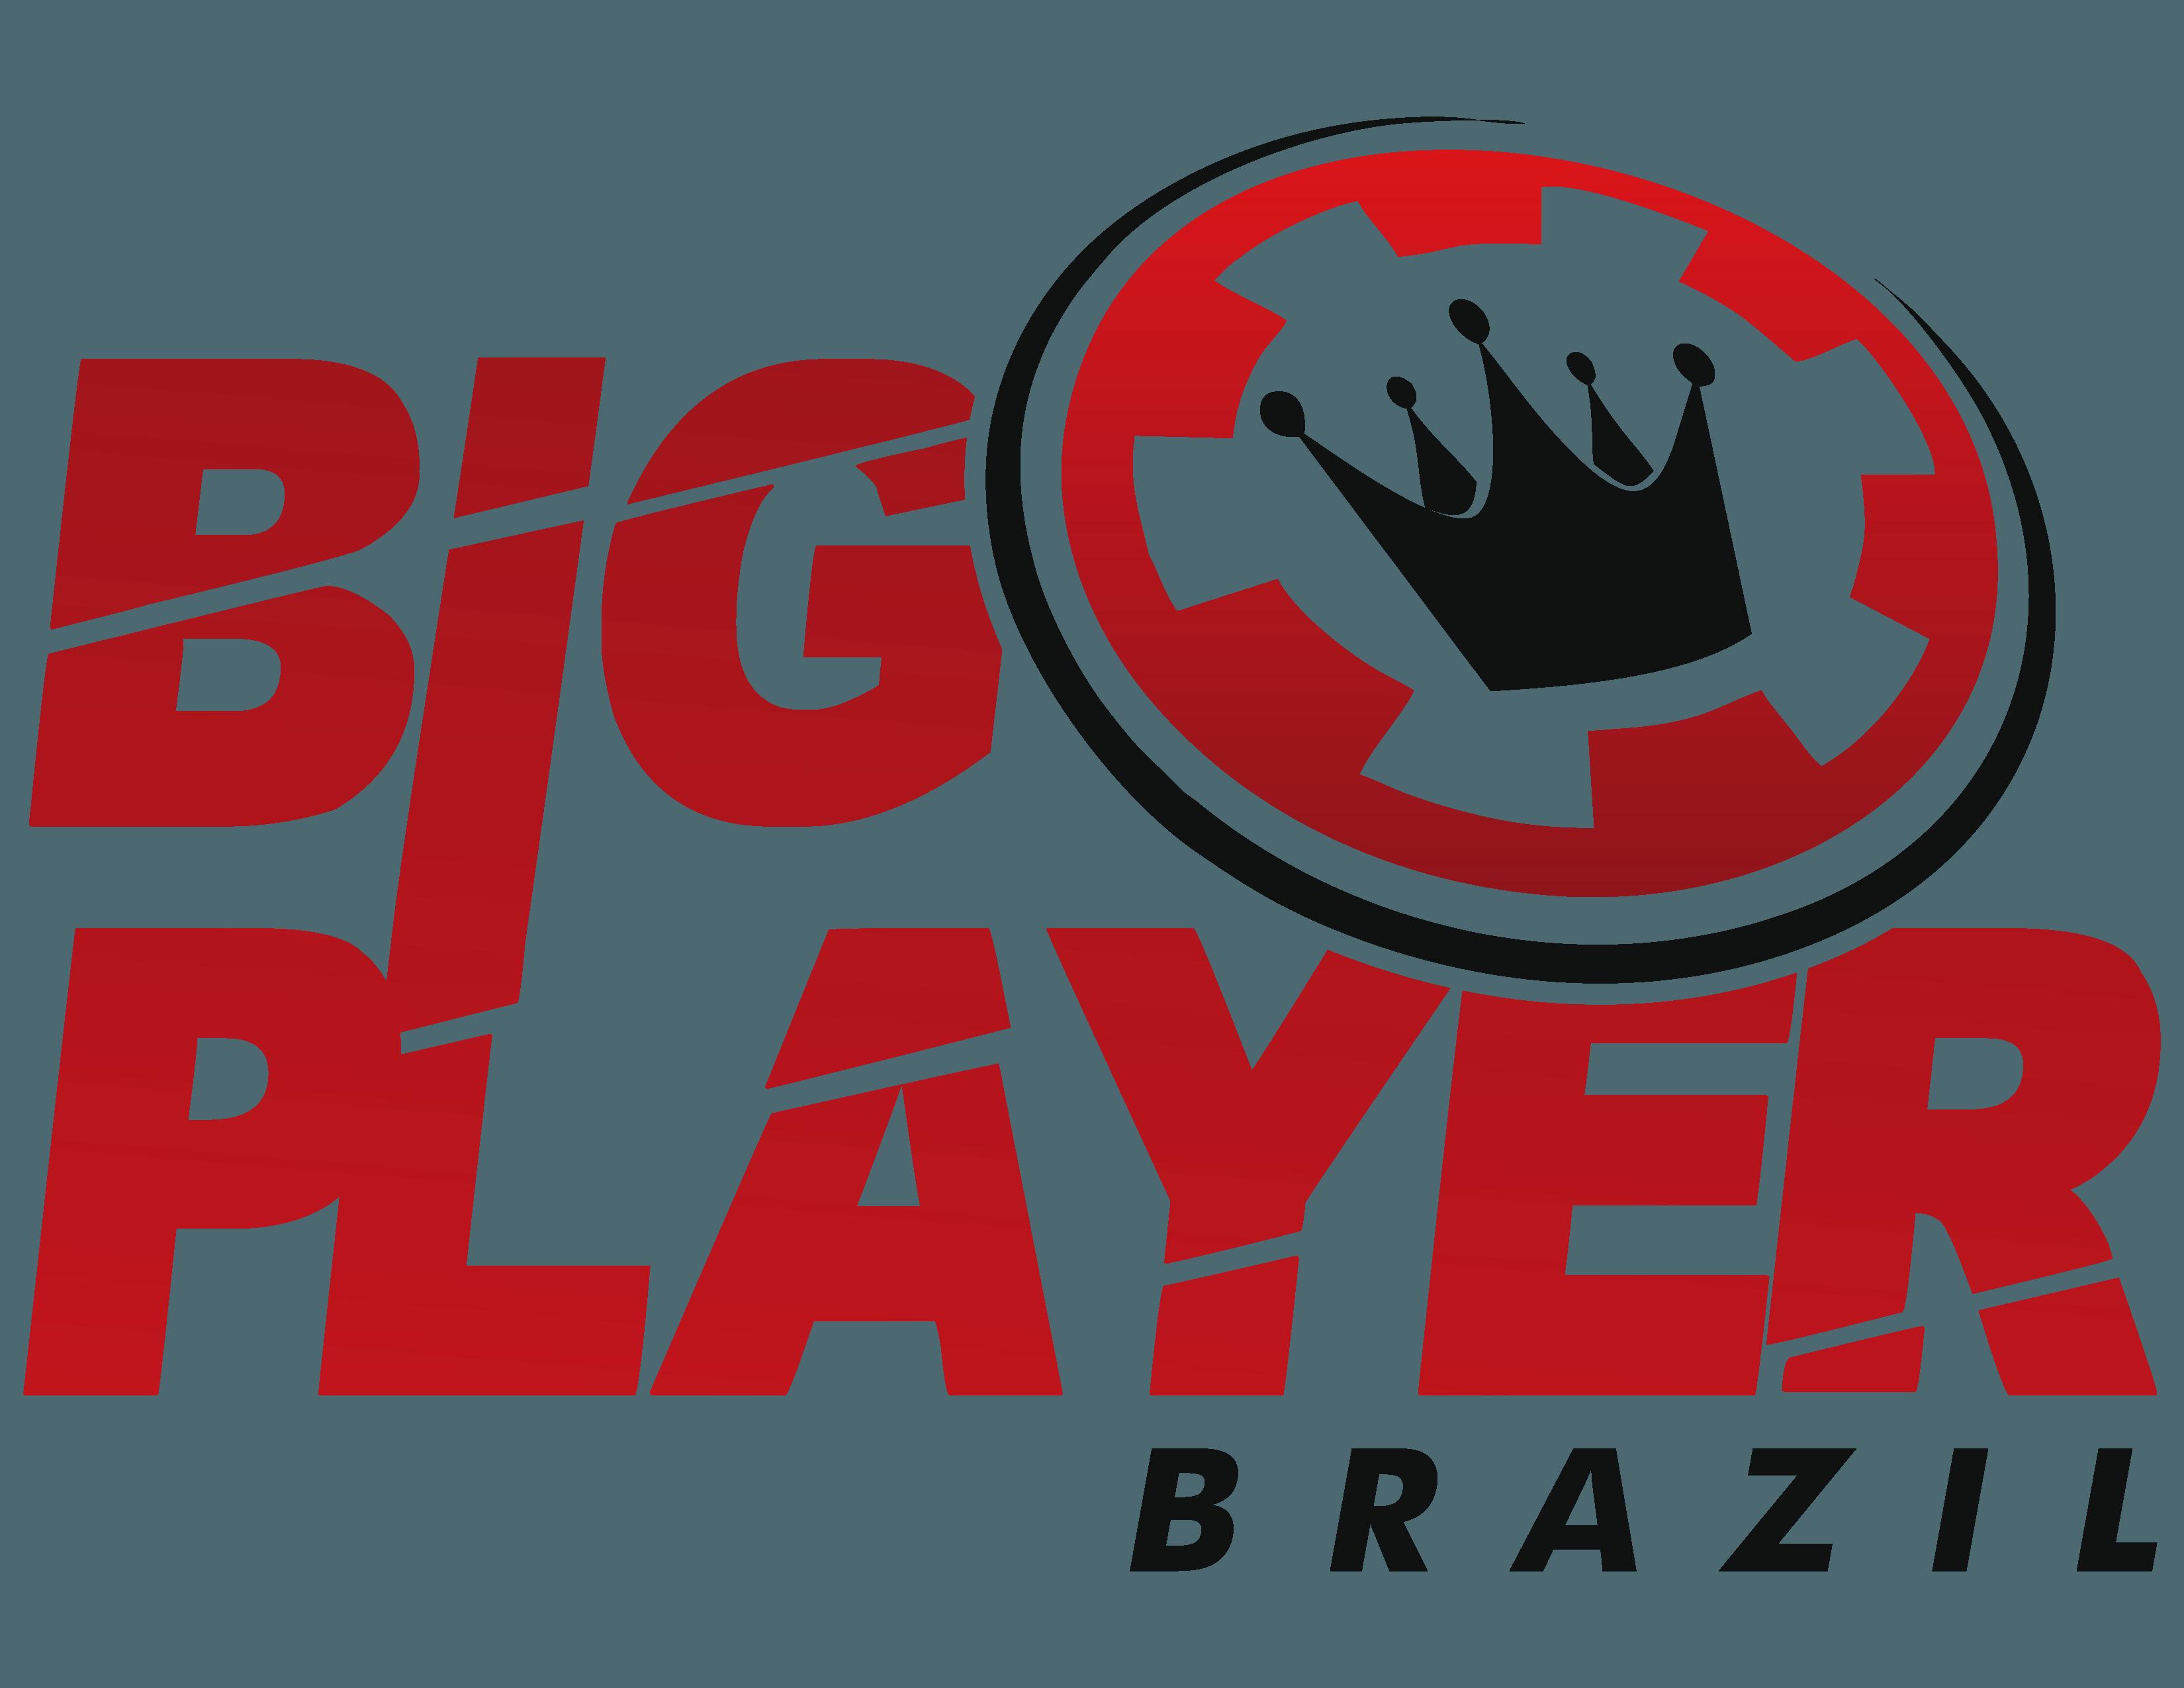 Big Player Brazil